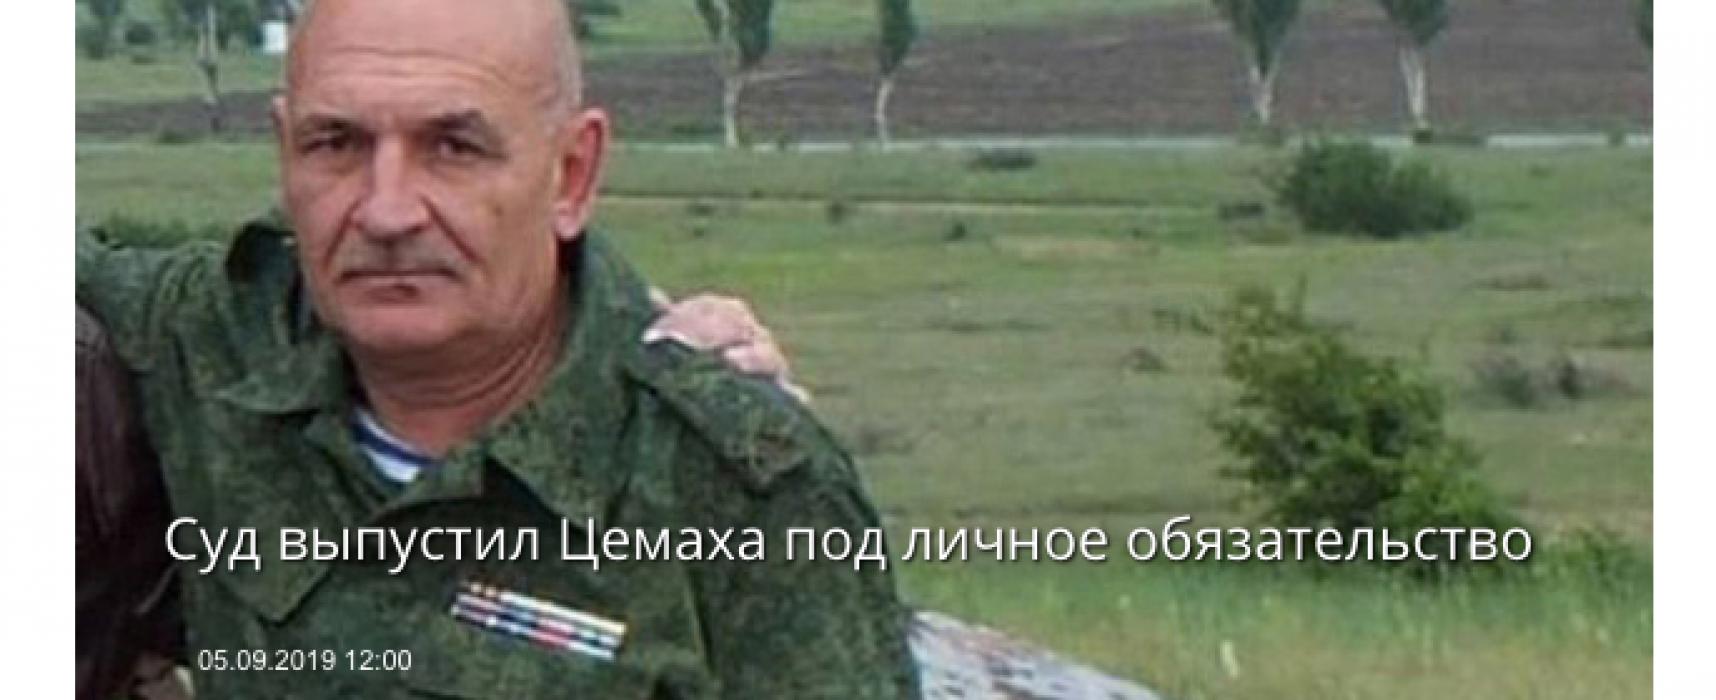 Фейк: Володимира Цемаха відпустили, оскільки він вже не становить інтересу для міжнародних слідчих і України